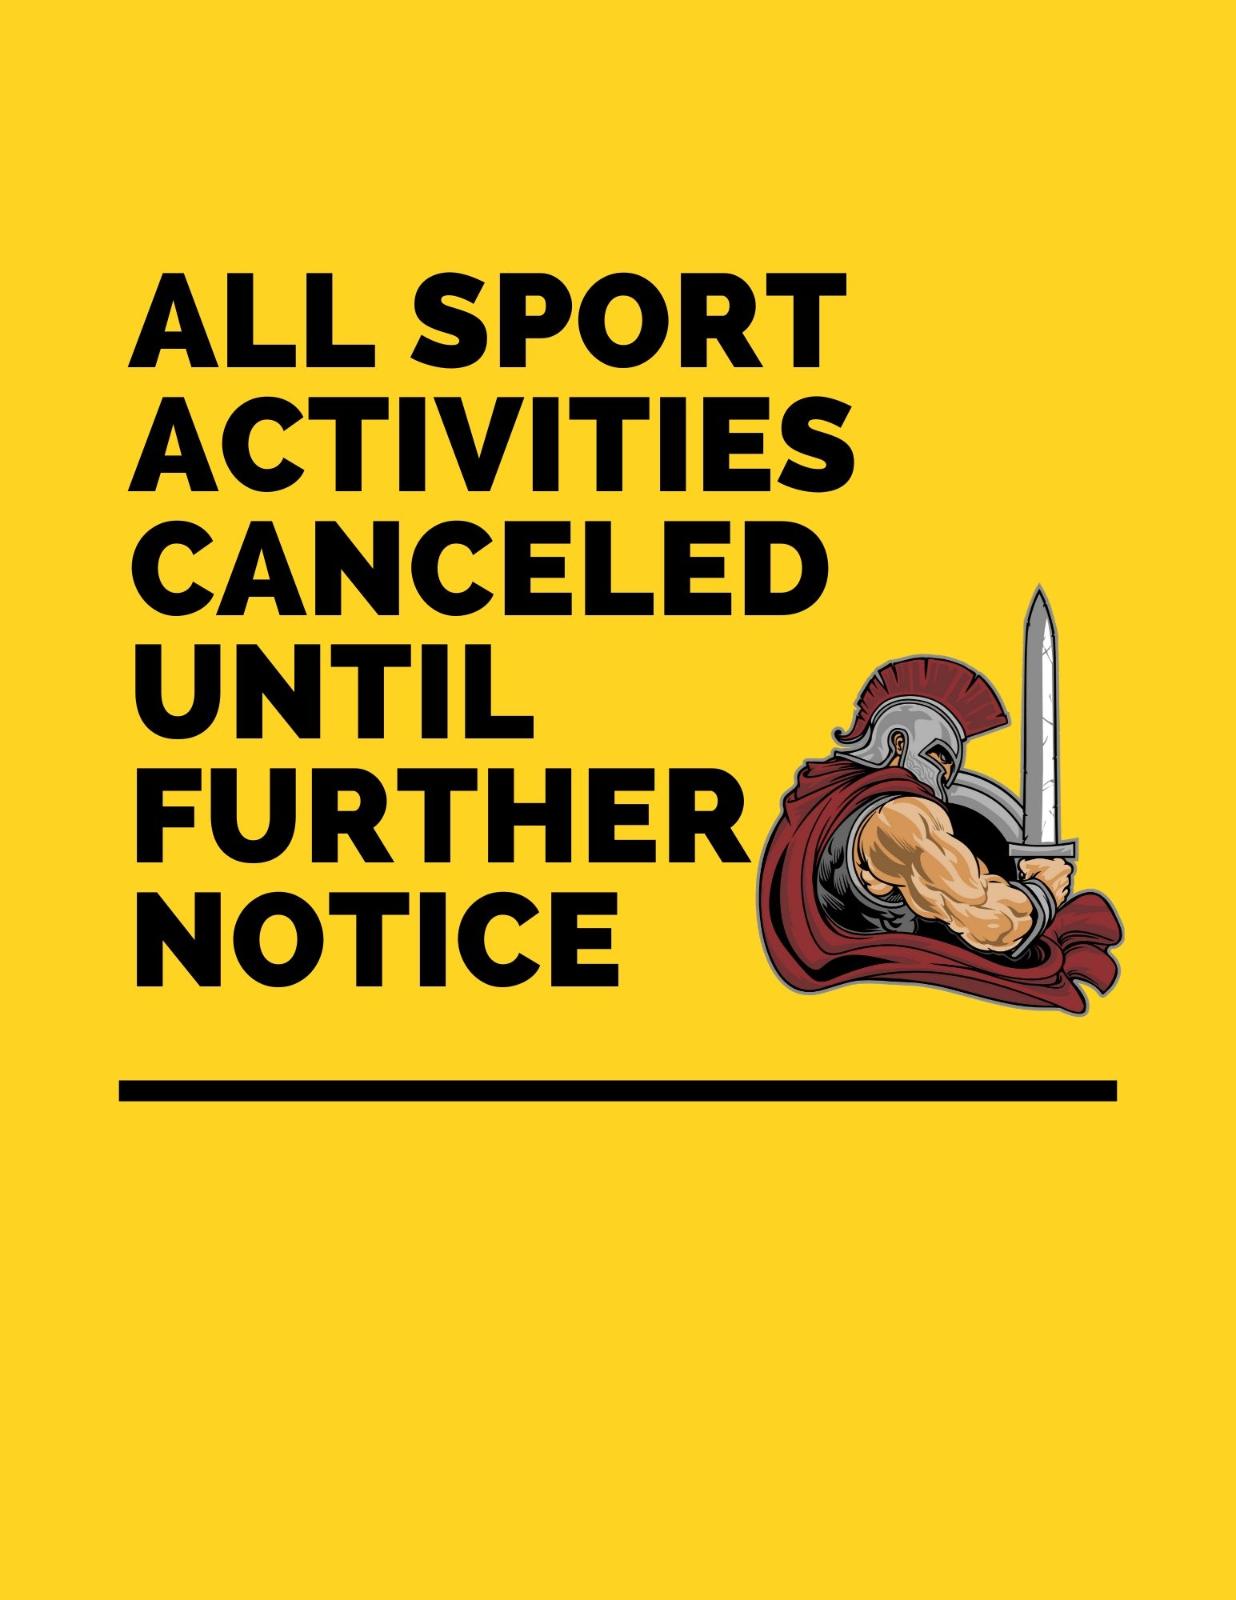 No Sport Activities